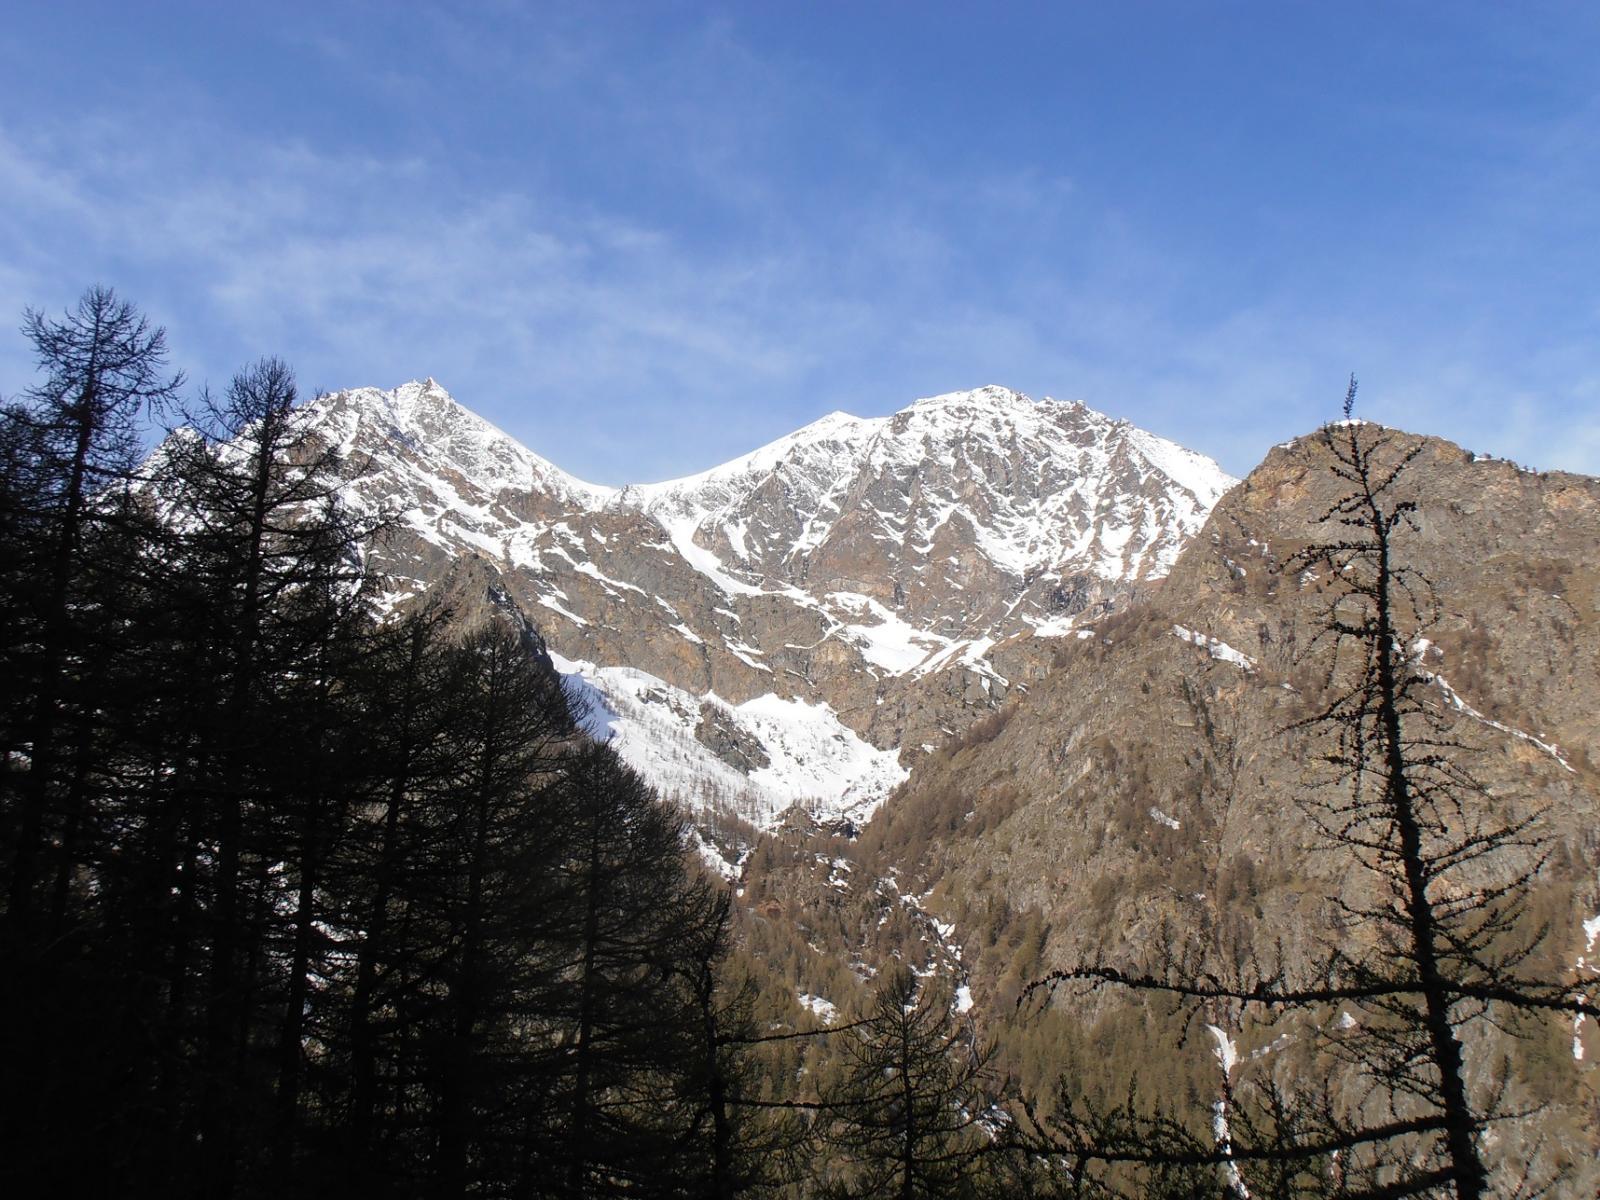 04 - Ingresso nel vallone di S.Marcel sotto l'imponente sella innevata del Col di Salé